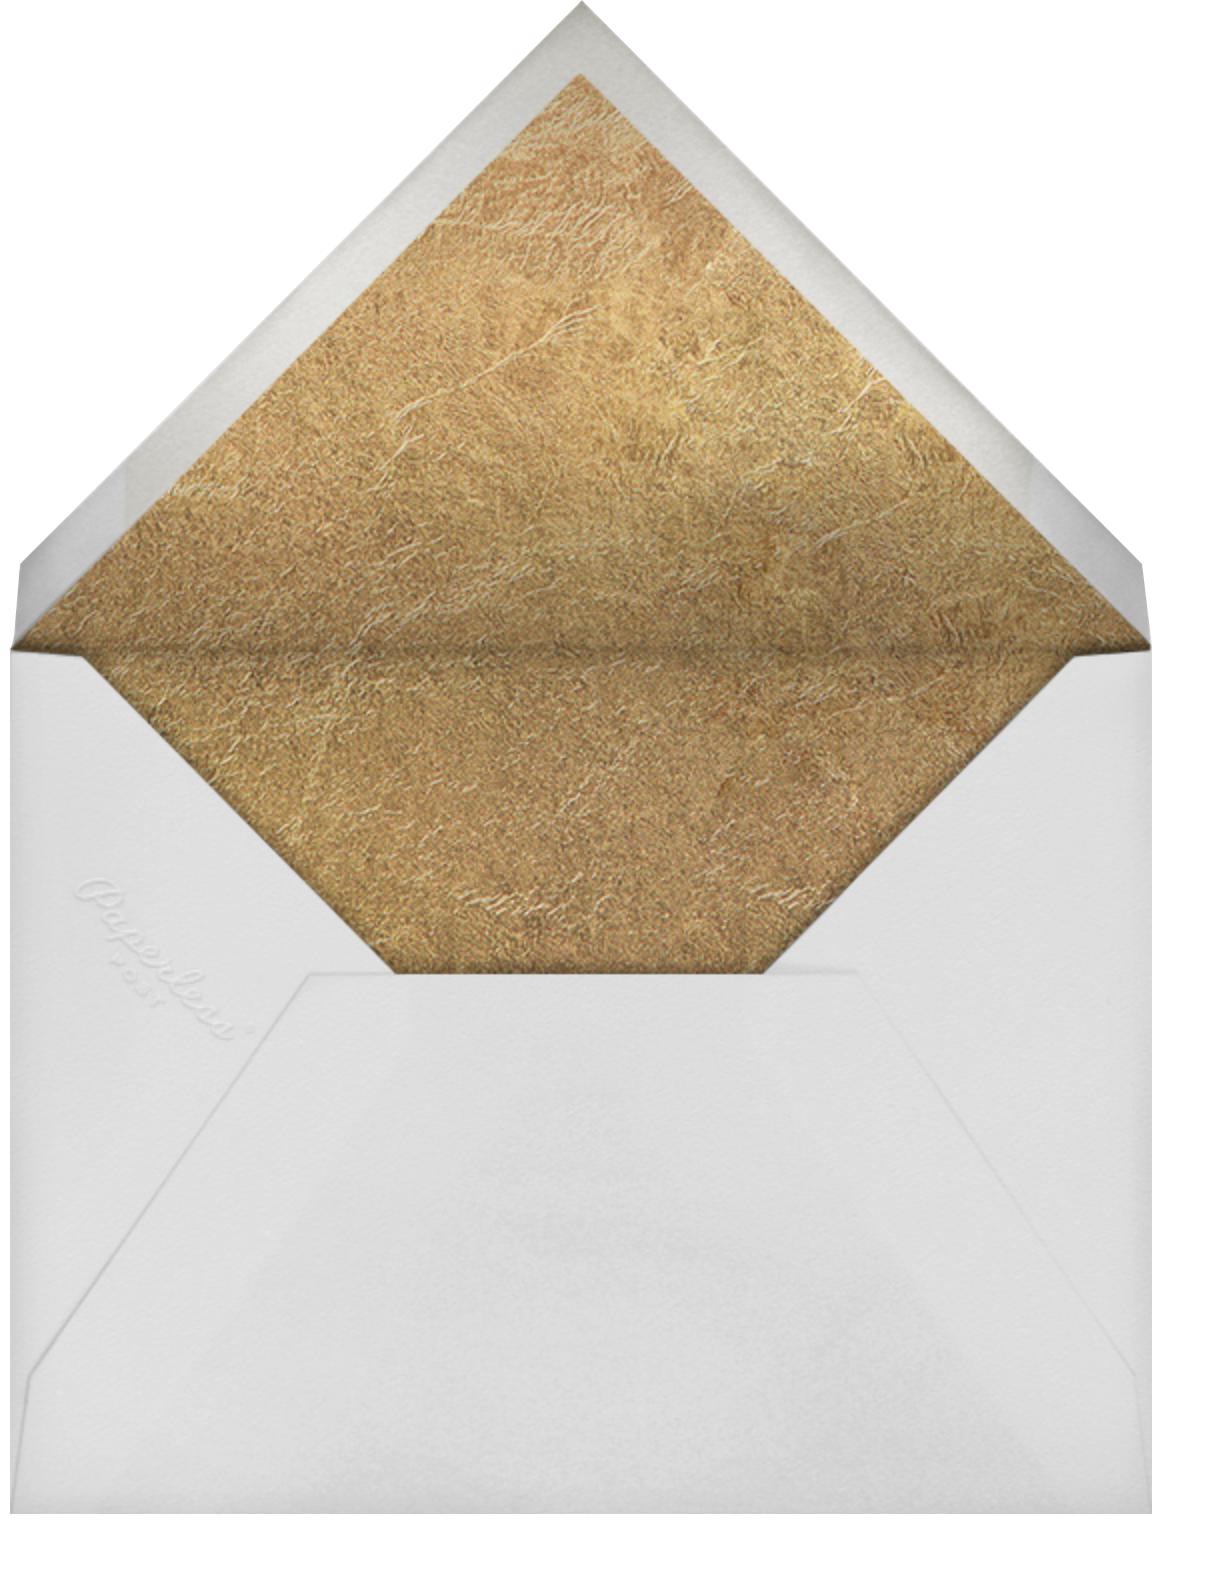 Garde (Invitation) - Gold - Kelly Wearstler - All - envelope back